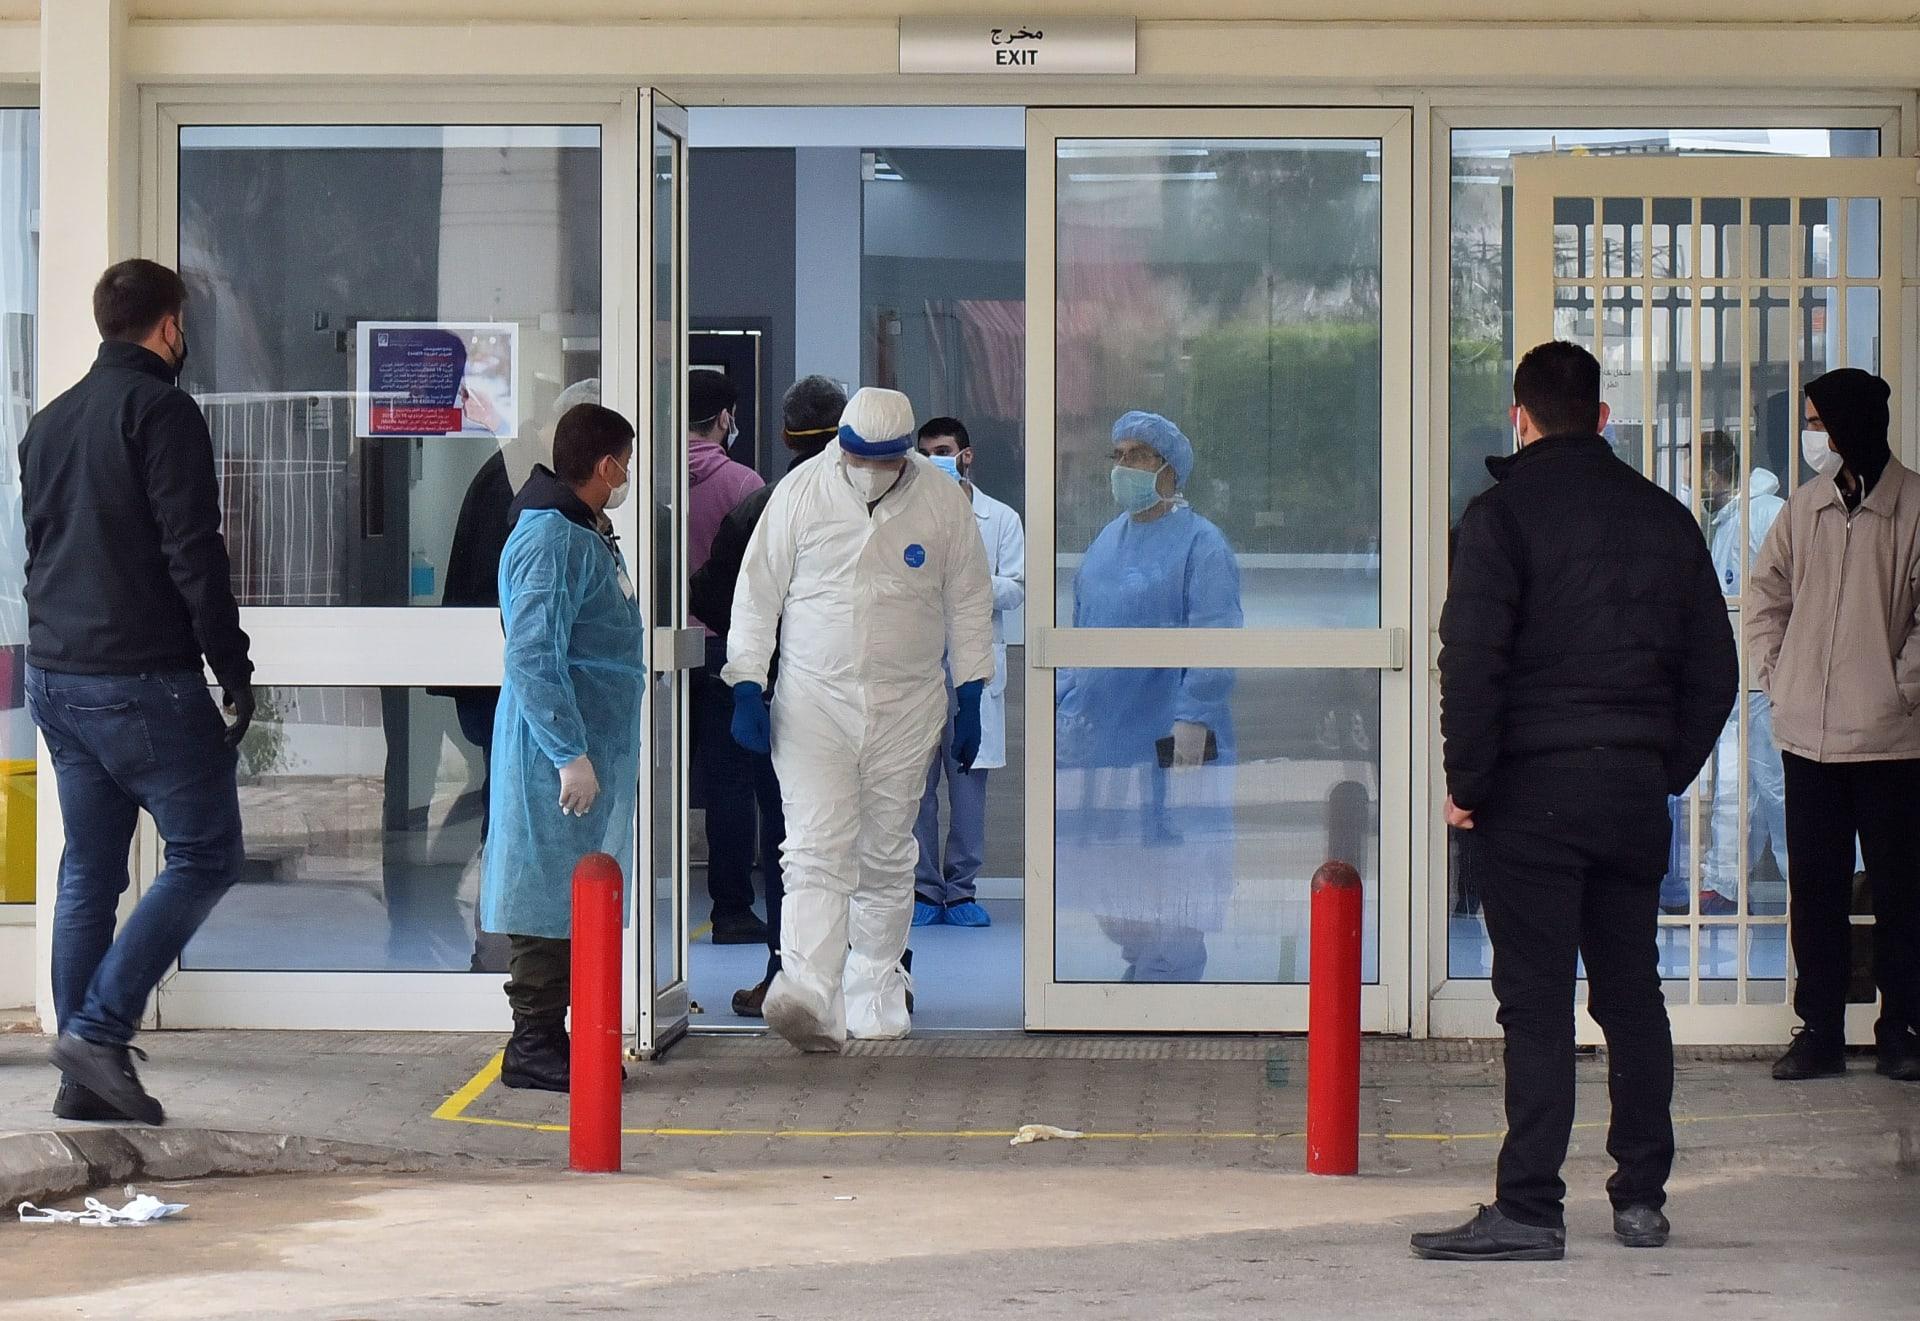 لليوم الثالث.. لبنان يسجل أعلى زيادة يومية في إصابات كورونا